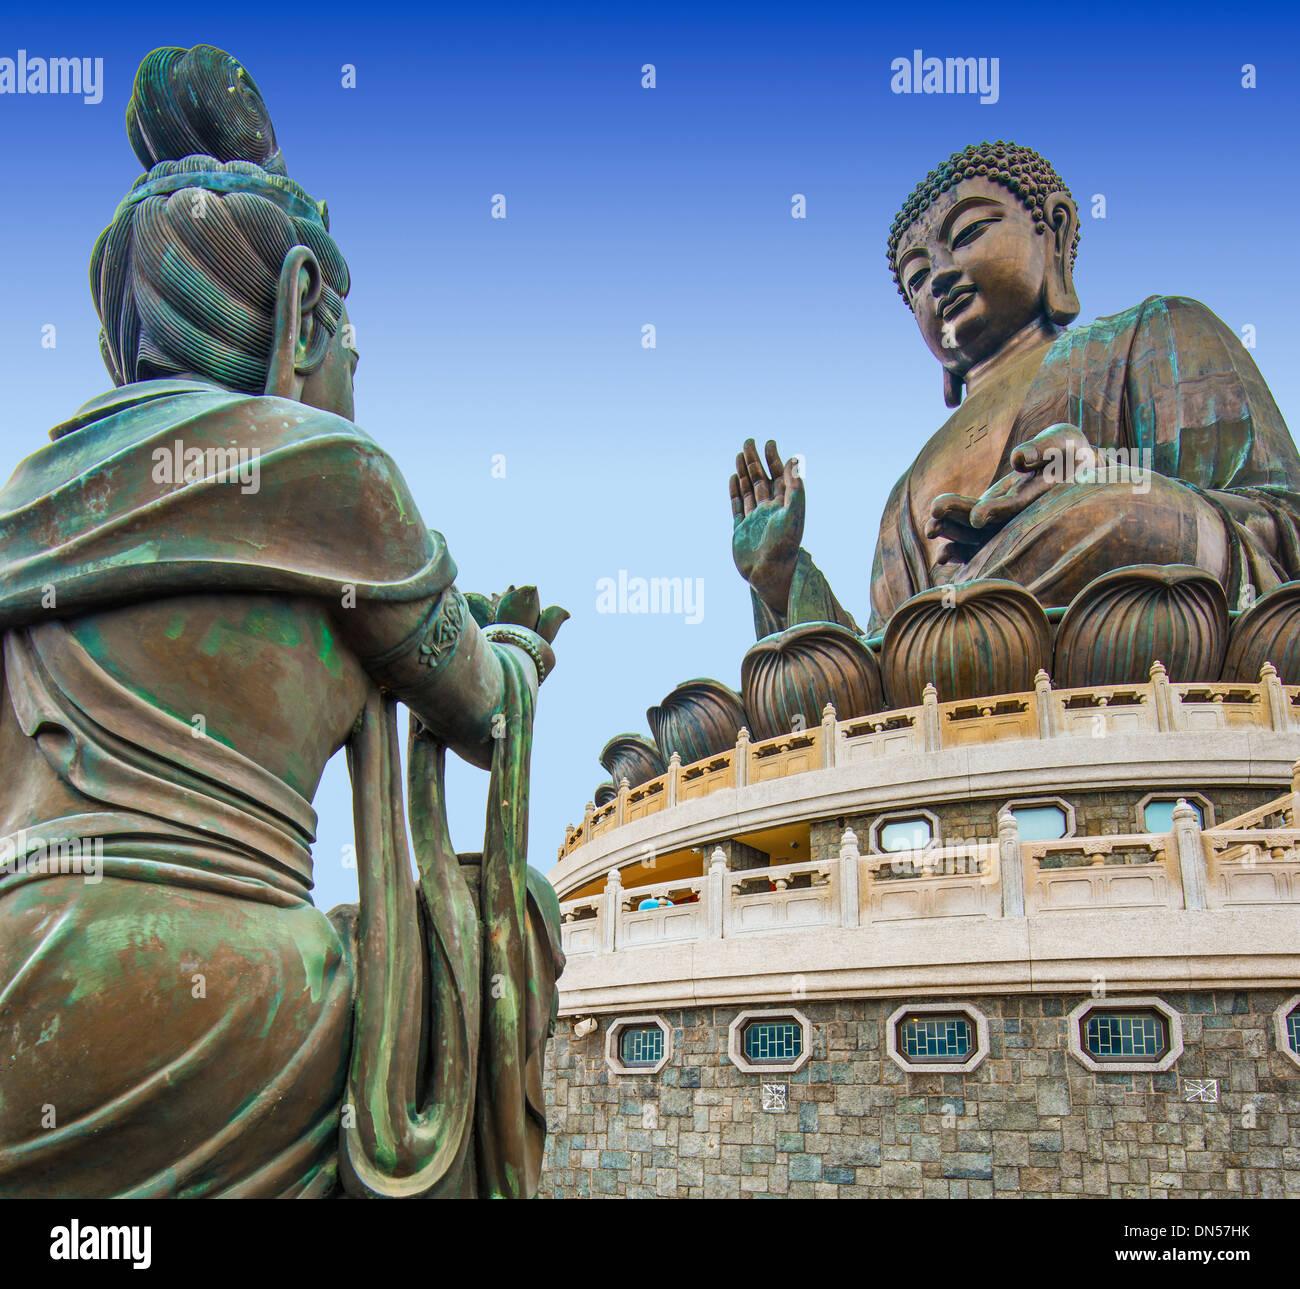 Grand Bouddha de l'île de Lantau à Hong Kong, Chine. Banque D'Images